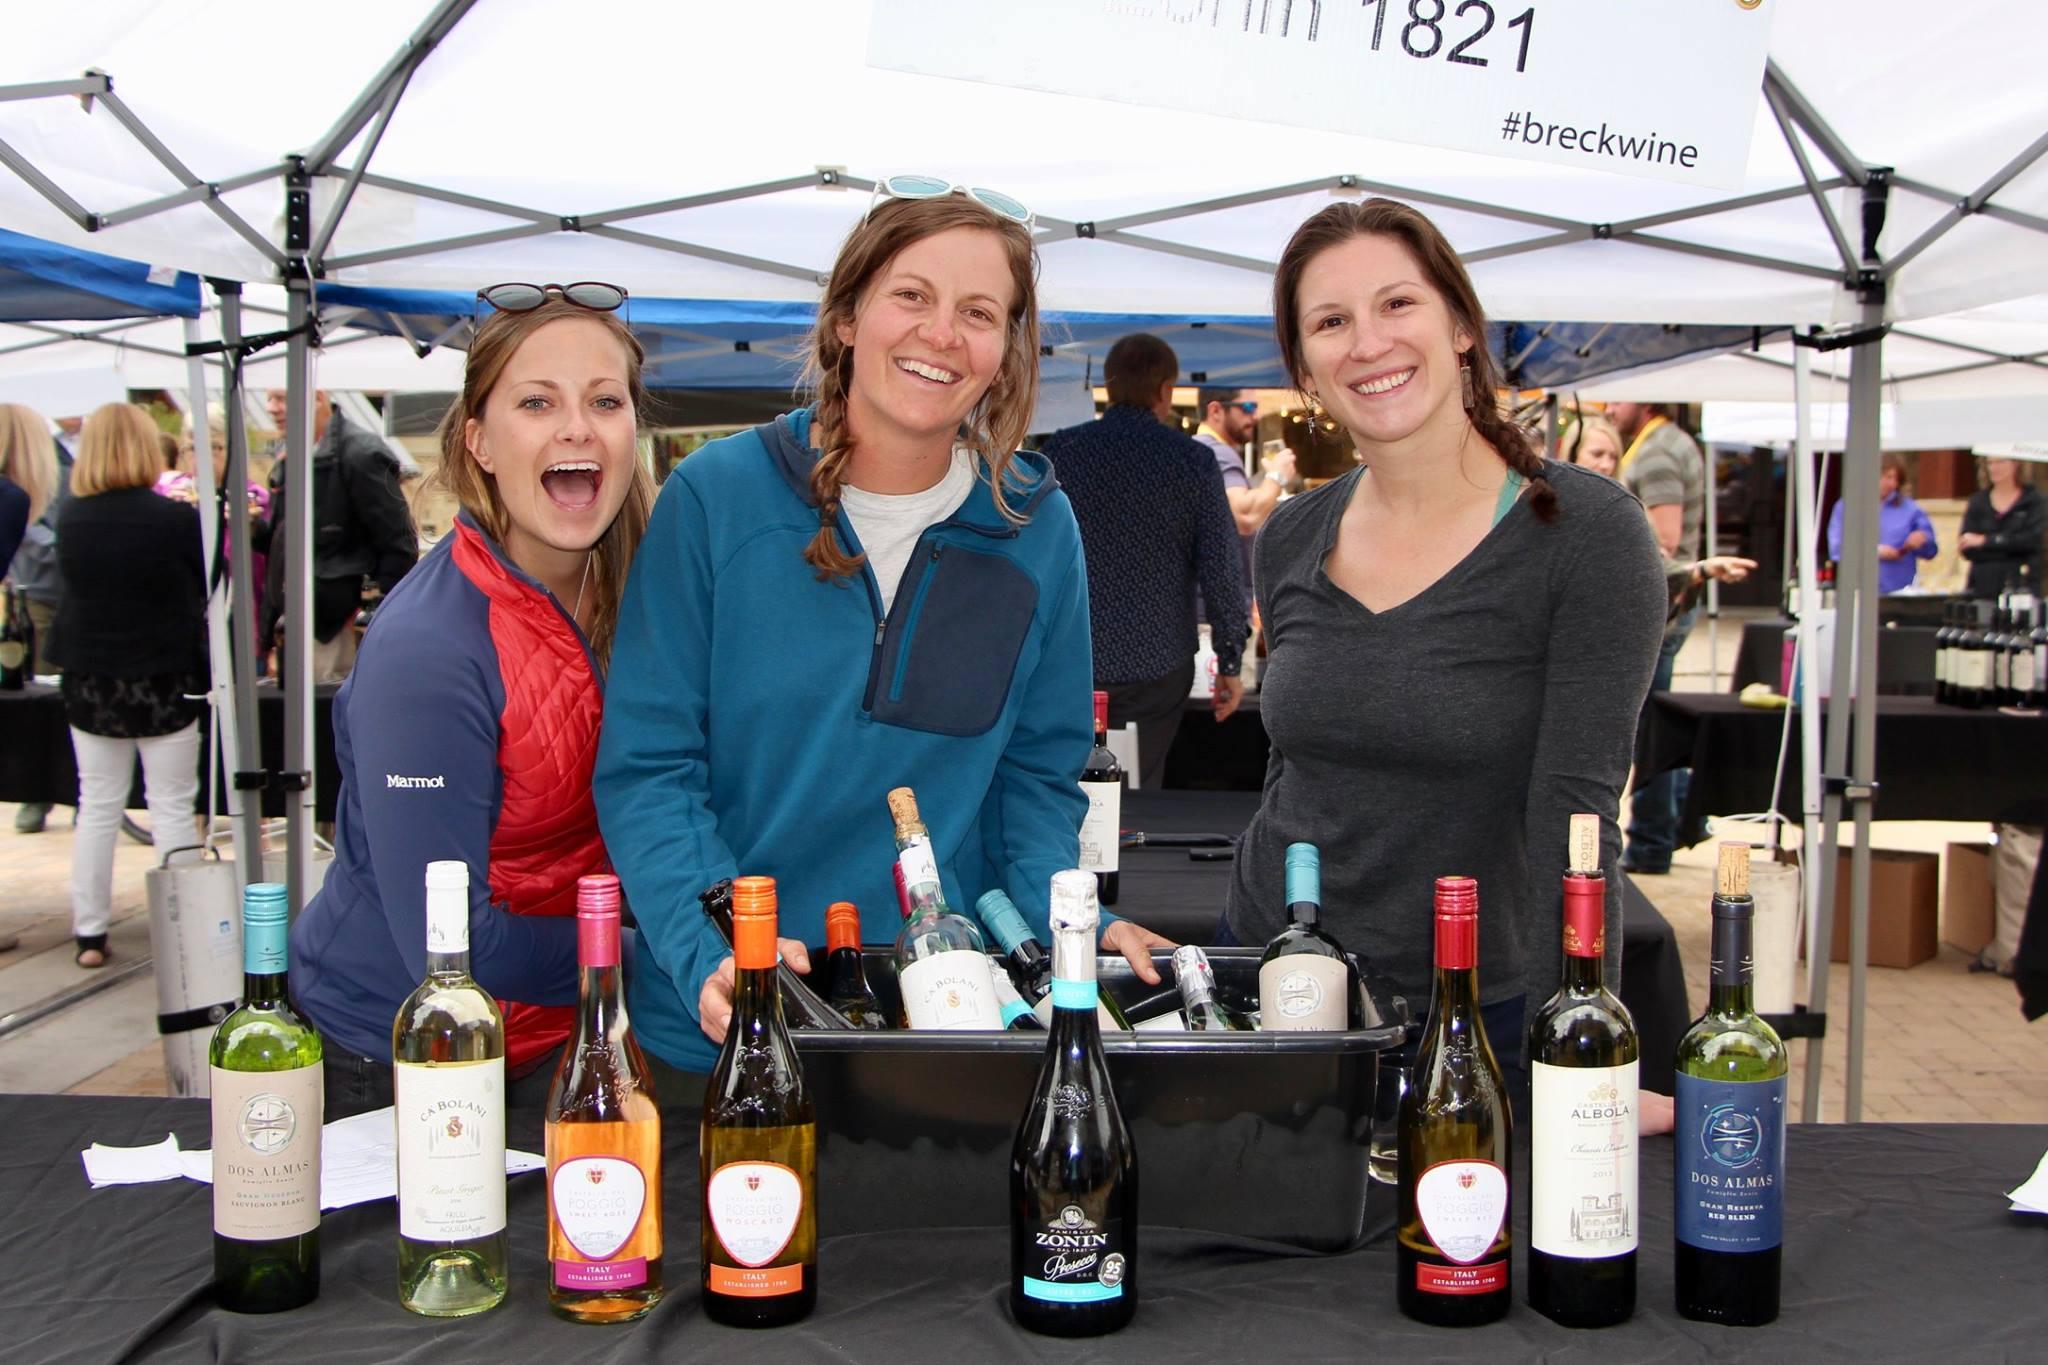 Breckenridge Food and Wine Festival